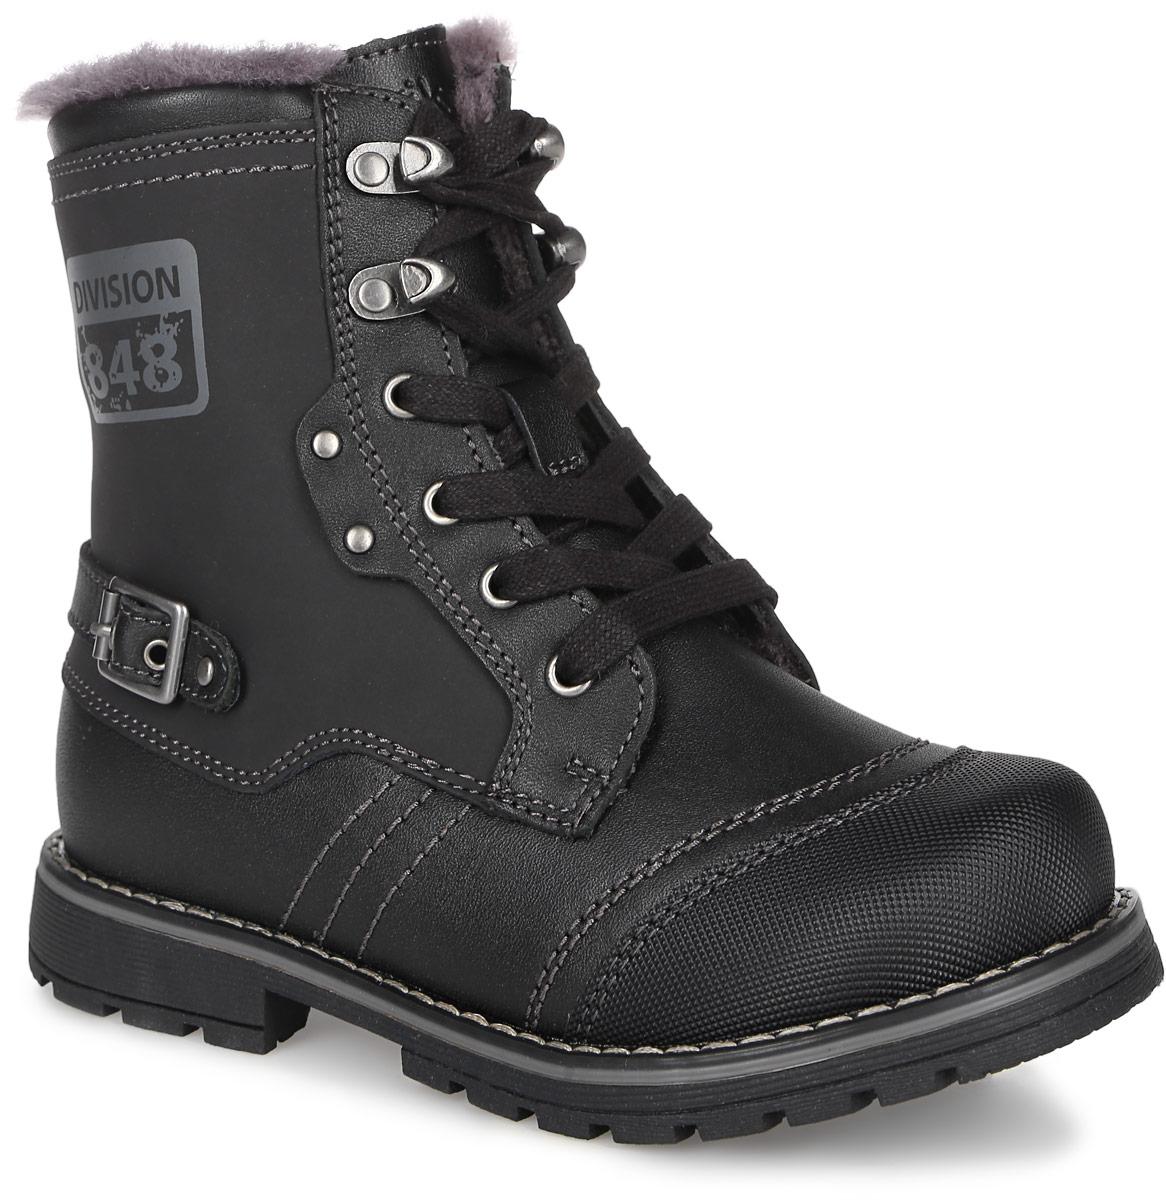 Ботинки63235ш-1Стильные ботинки от Kapika выполнены из натуральной кожи и оформлены декоративной отстрочкой. Изделие застегивается на застежку-молнию и дополнительно имеет шнуровку, что способствует надежной фиксации на ноге. Стелька, изготовленная из натурального овечьего шерстяного меха, отлично сохраняет тепло и надежно защищает от холода, а также создаёт условия для удобного и долговечного использования. Рельефная подошва, выполненная из материала ТЭП, обеспечивает сцепление с любой поверхностью. Материал ТЭП не пропускает и не впитывает воду.